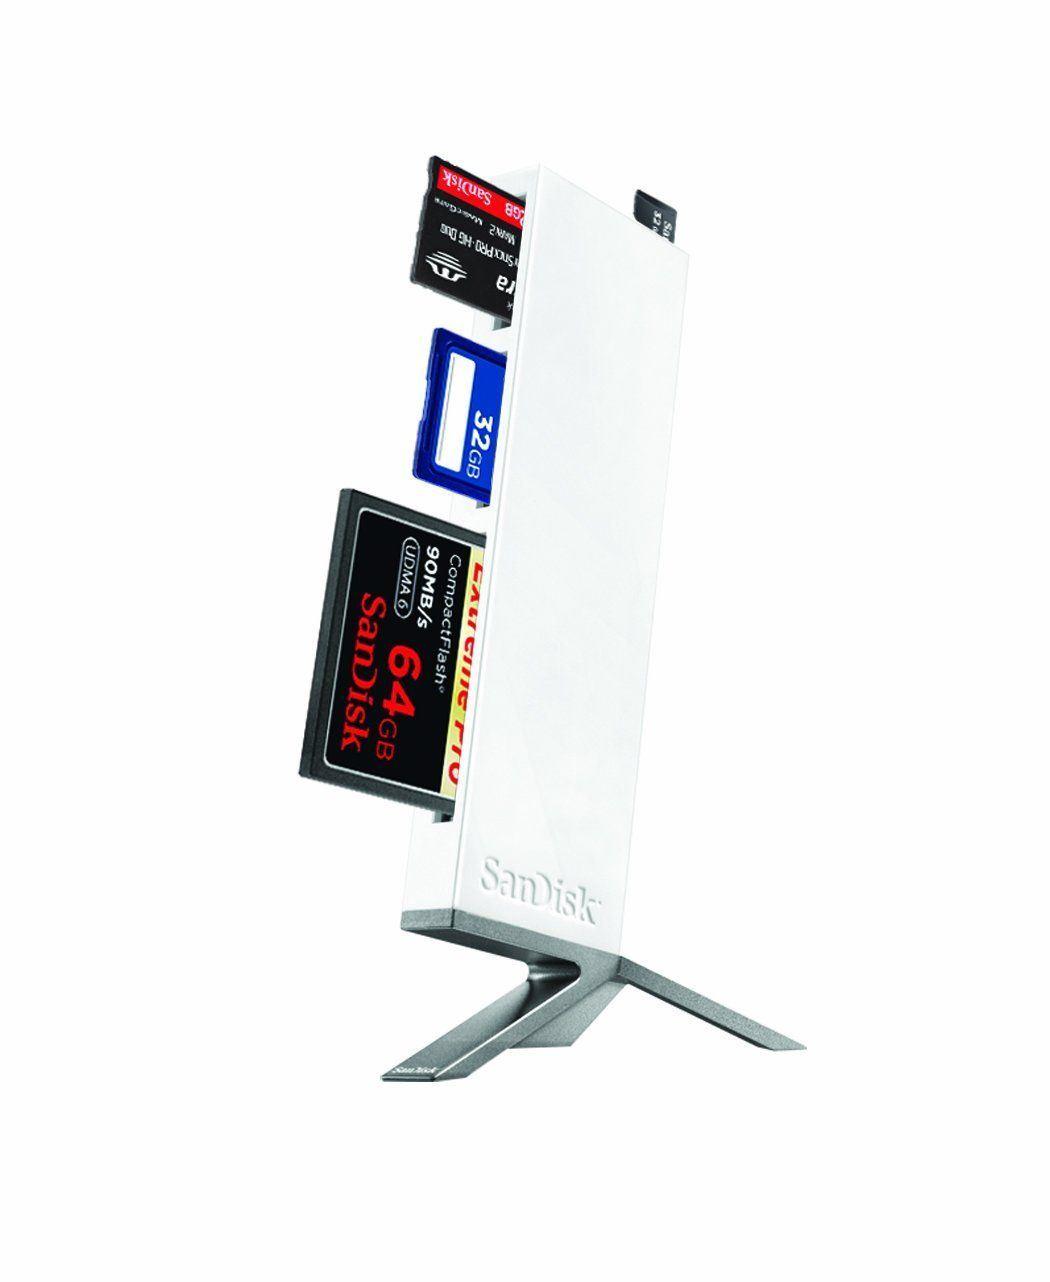 SanDisk USB 3.0 ImageMate TOUT EN UN Lecteur De Carte